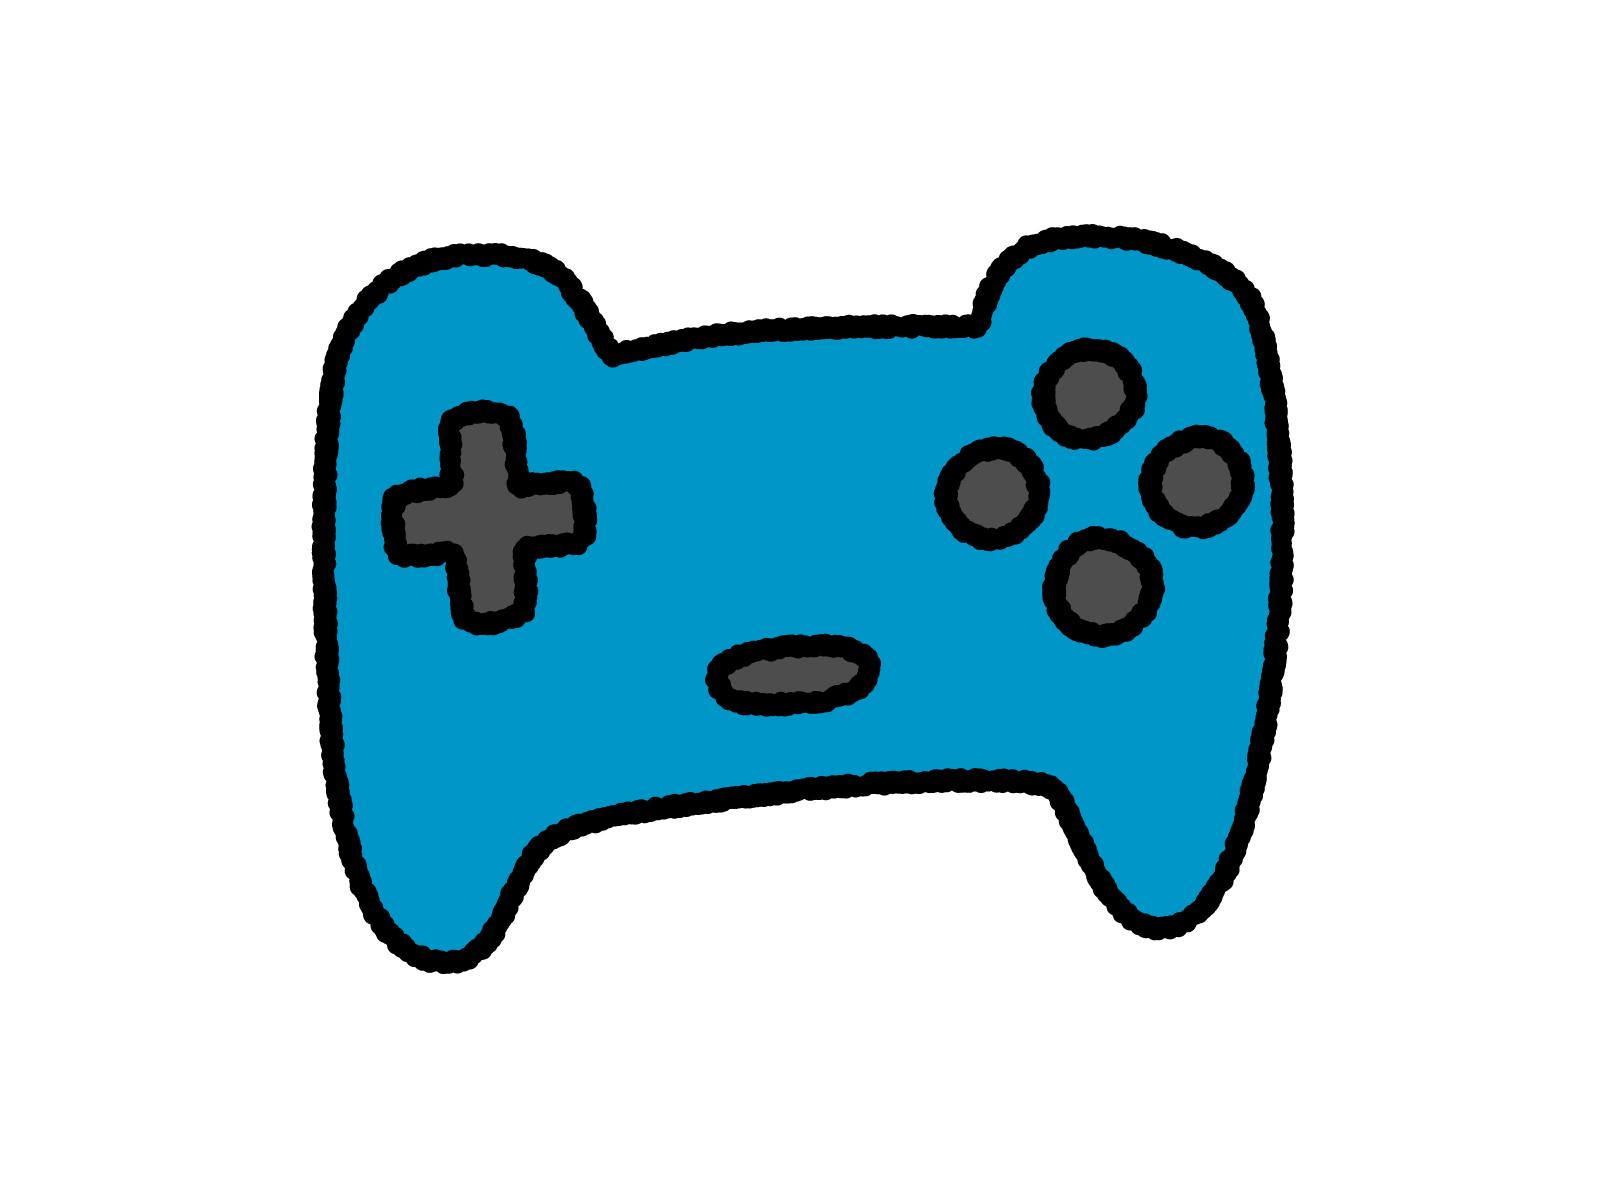 【PS5】コントローラーが不要な機能満載 背面ボタンは搭載してる?